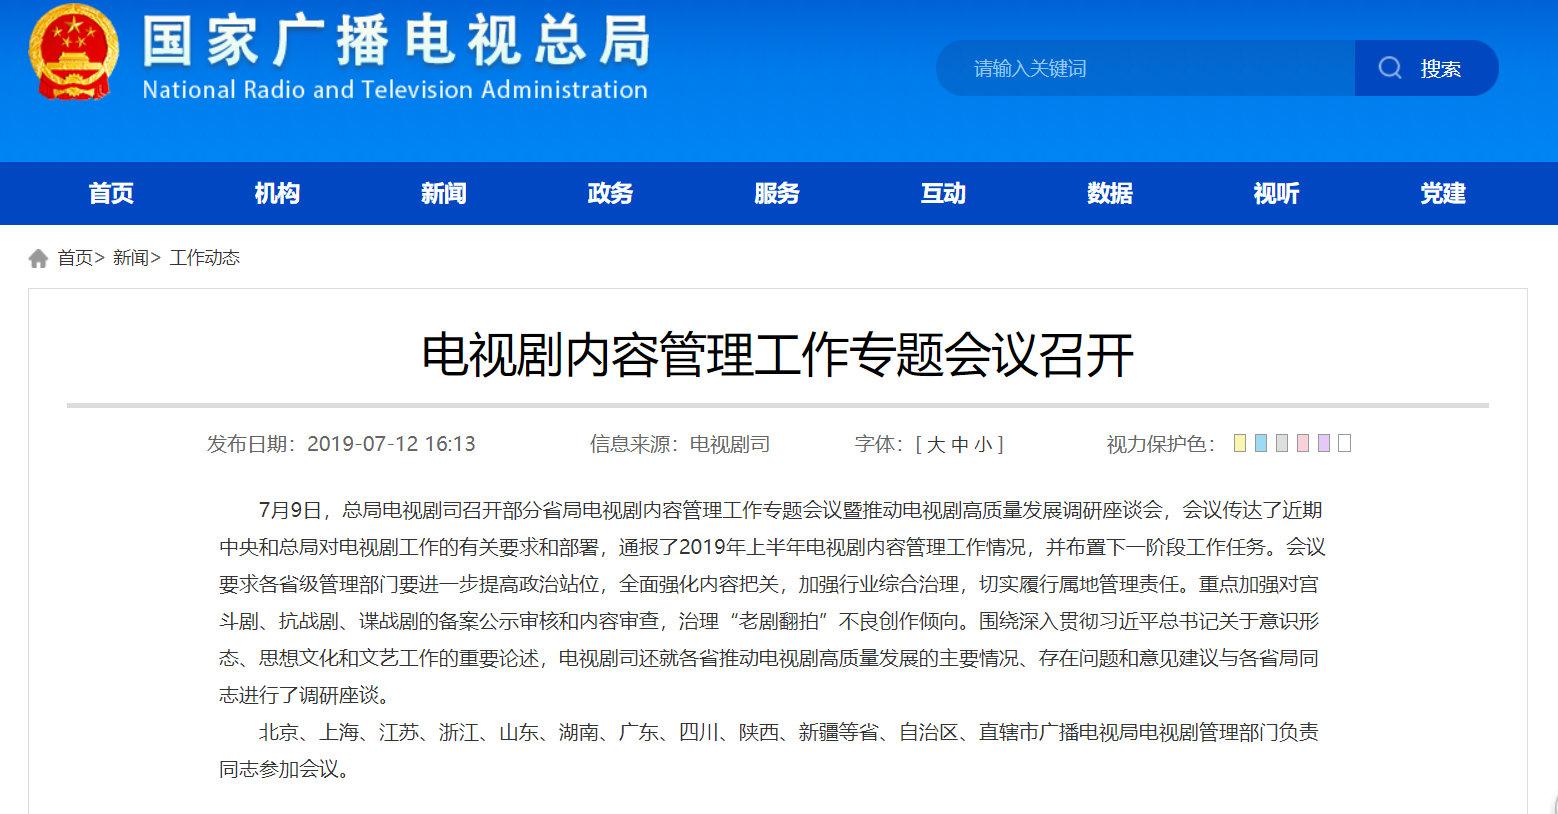 廣電總局再次點名宮斗劇翻拍劇 加強對抗戰劇審查